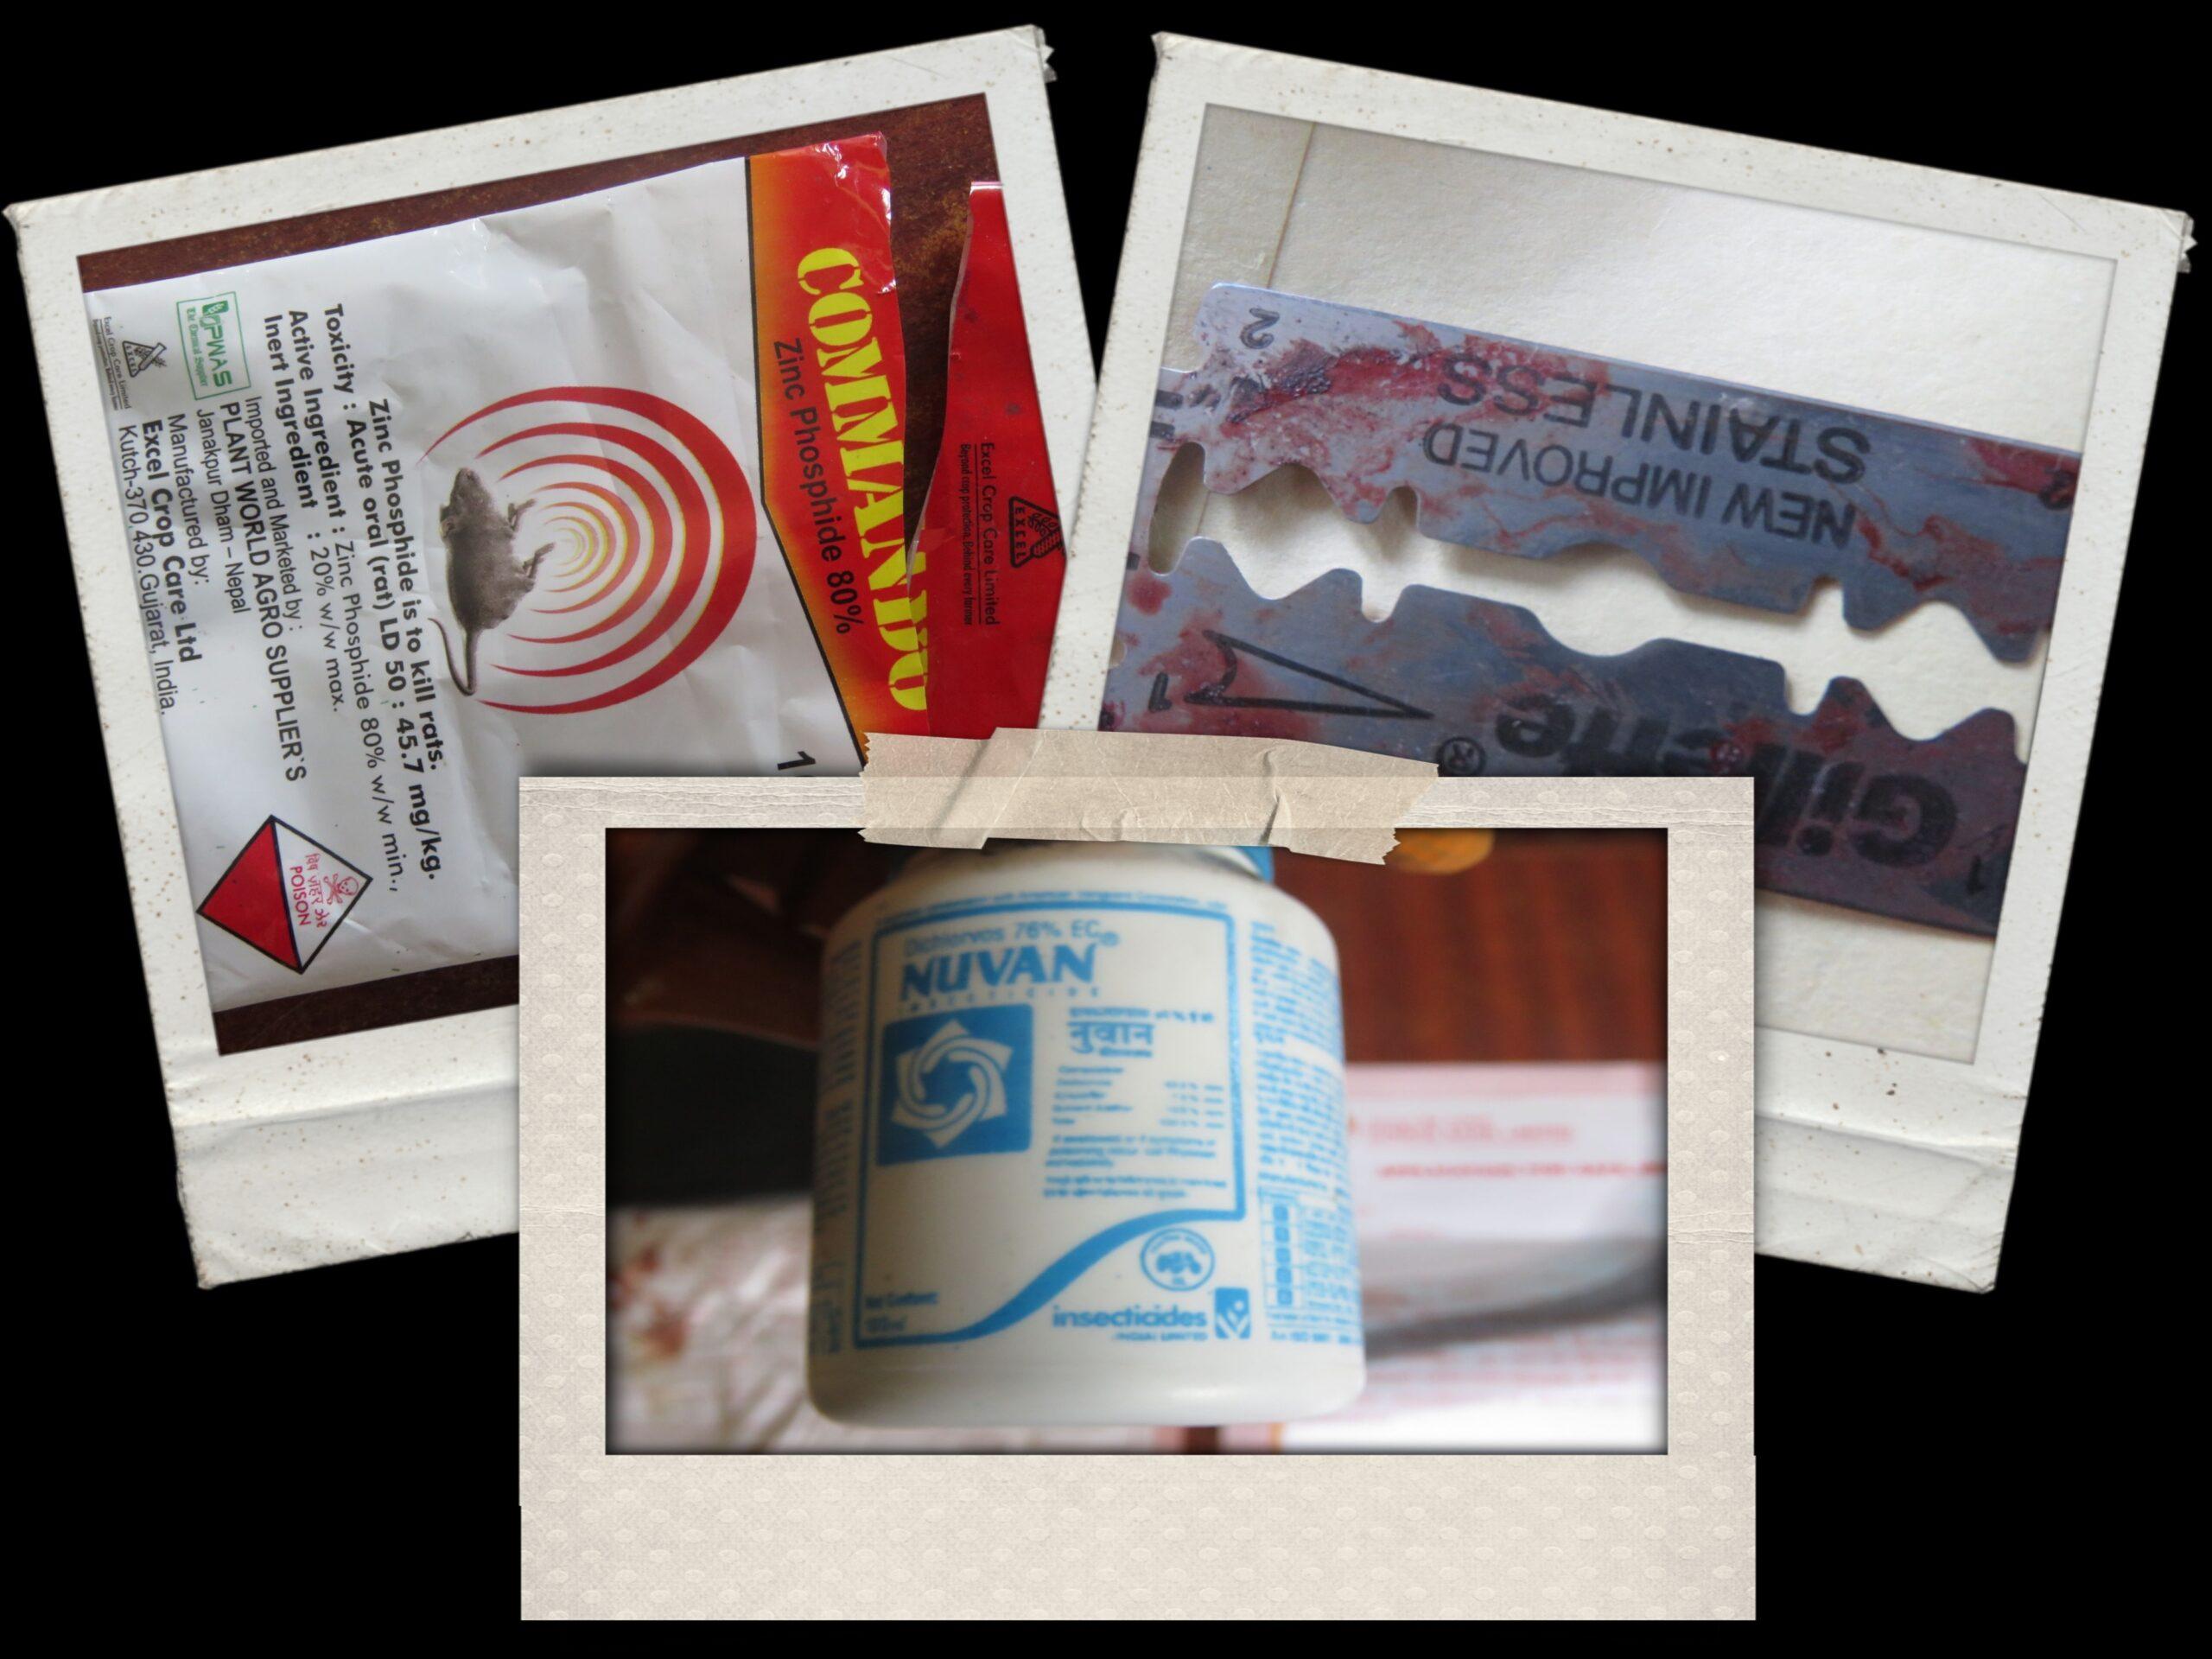 सनराइज बैङ्कमा कार्यरत ३० वर्षिया महिला कर्मचारीद्वारा आत्महत्या, 'सुसाइड नोट' भेटियो